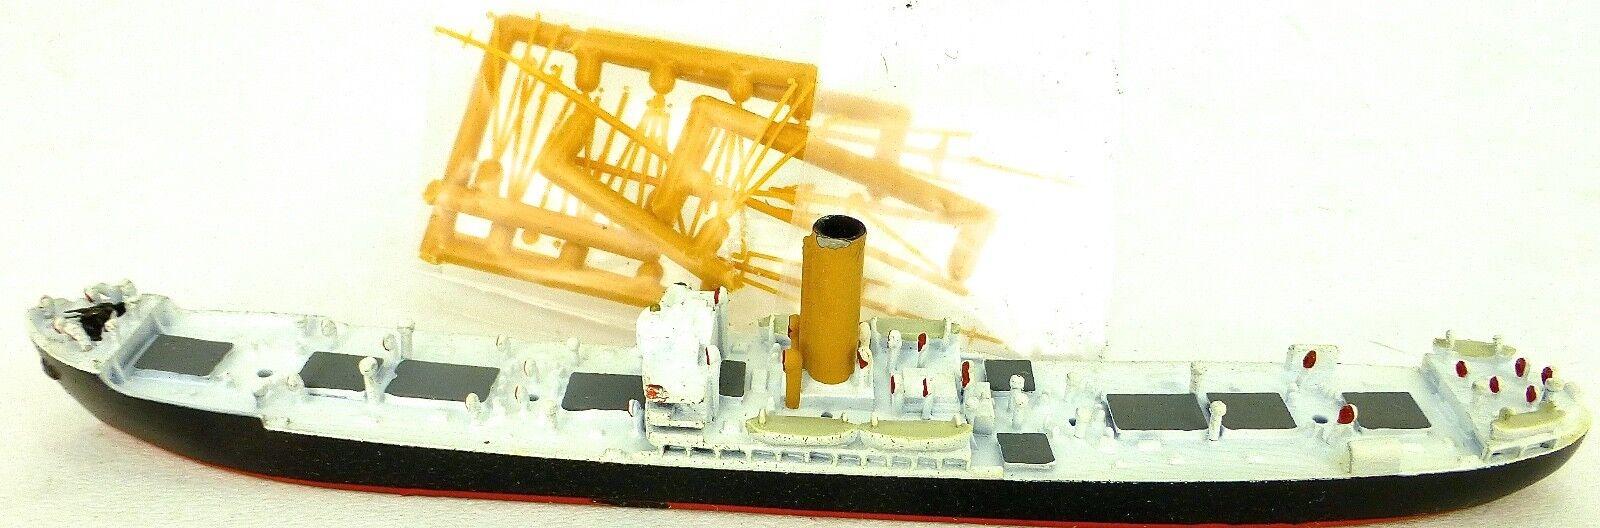 Danube Passenger Passenger Steamer Cargo Ndl Bremen M574 Ship Model 1 1250   55 Å